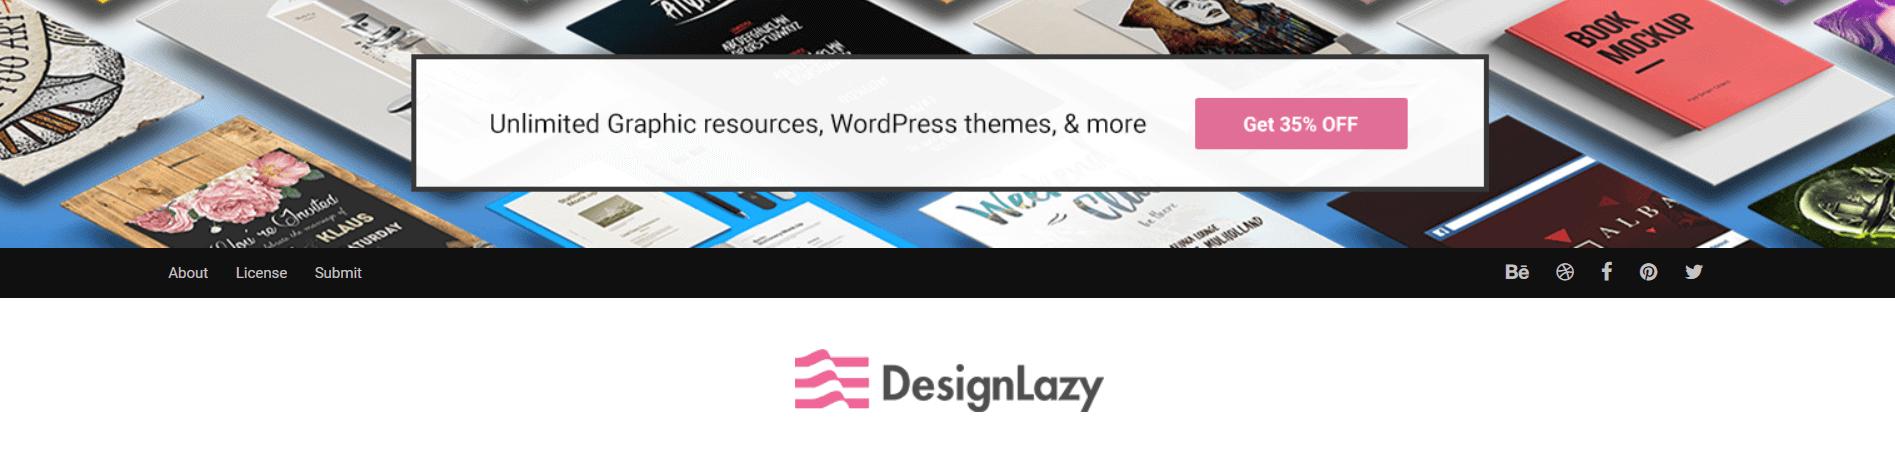 DesignLazy